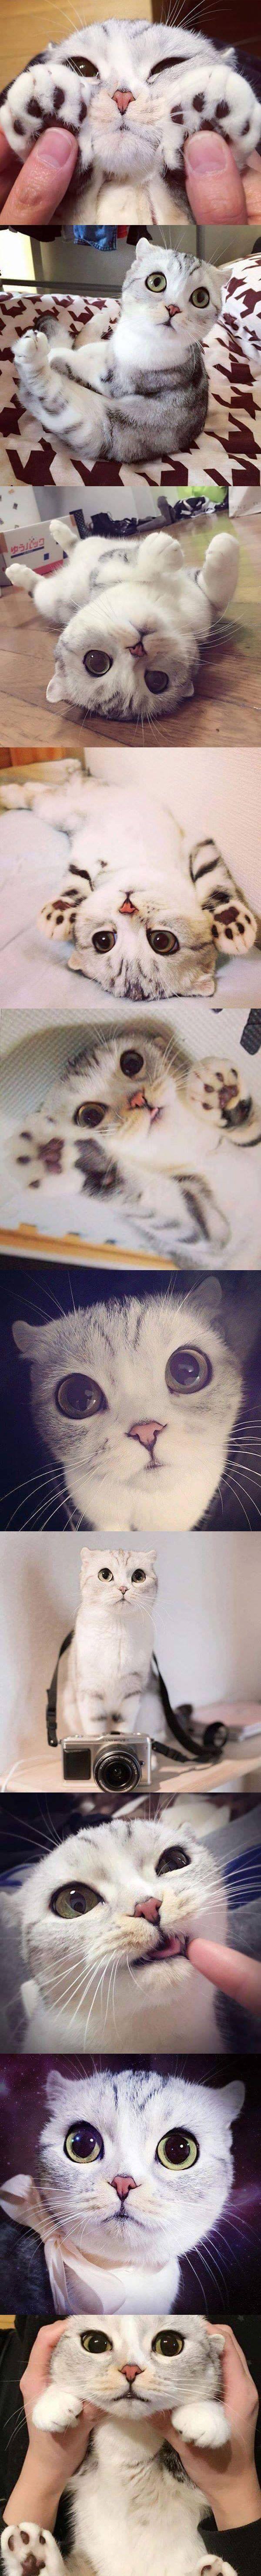 Gatito adorable ...